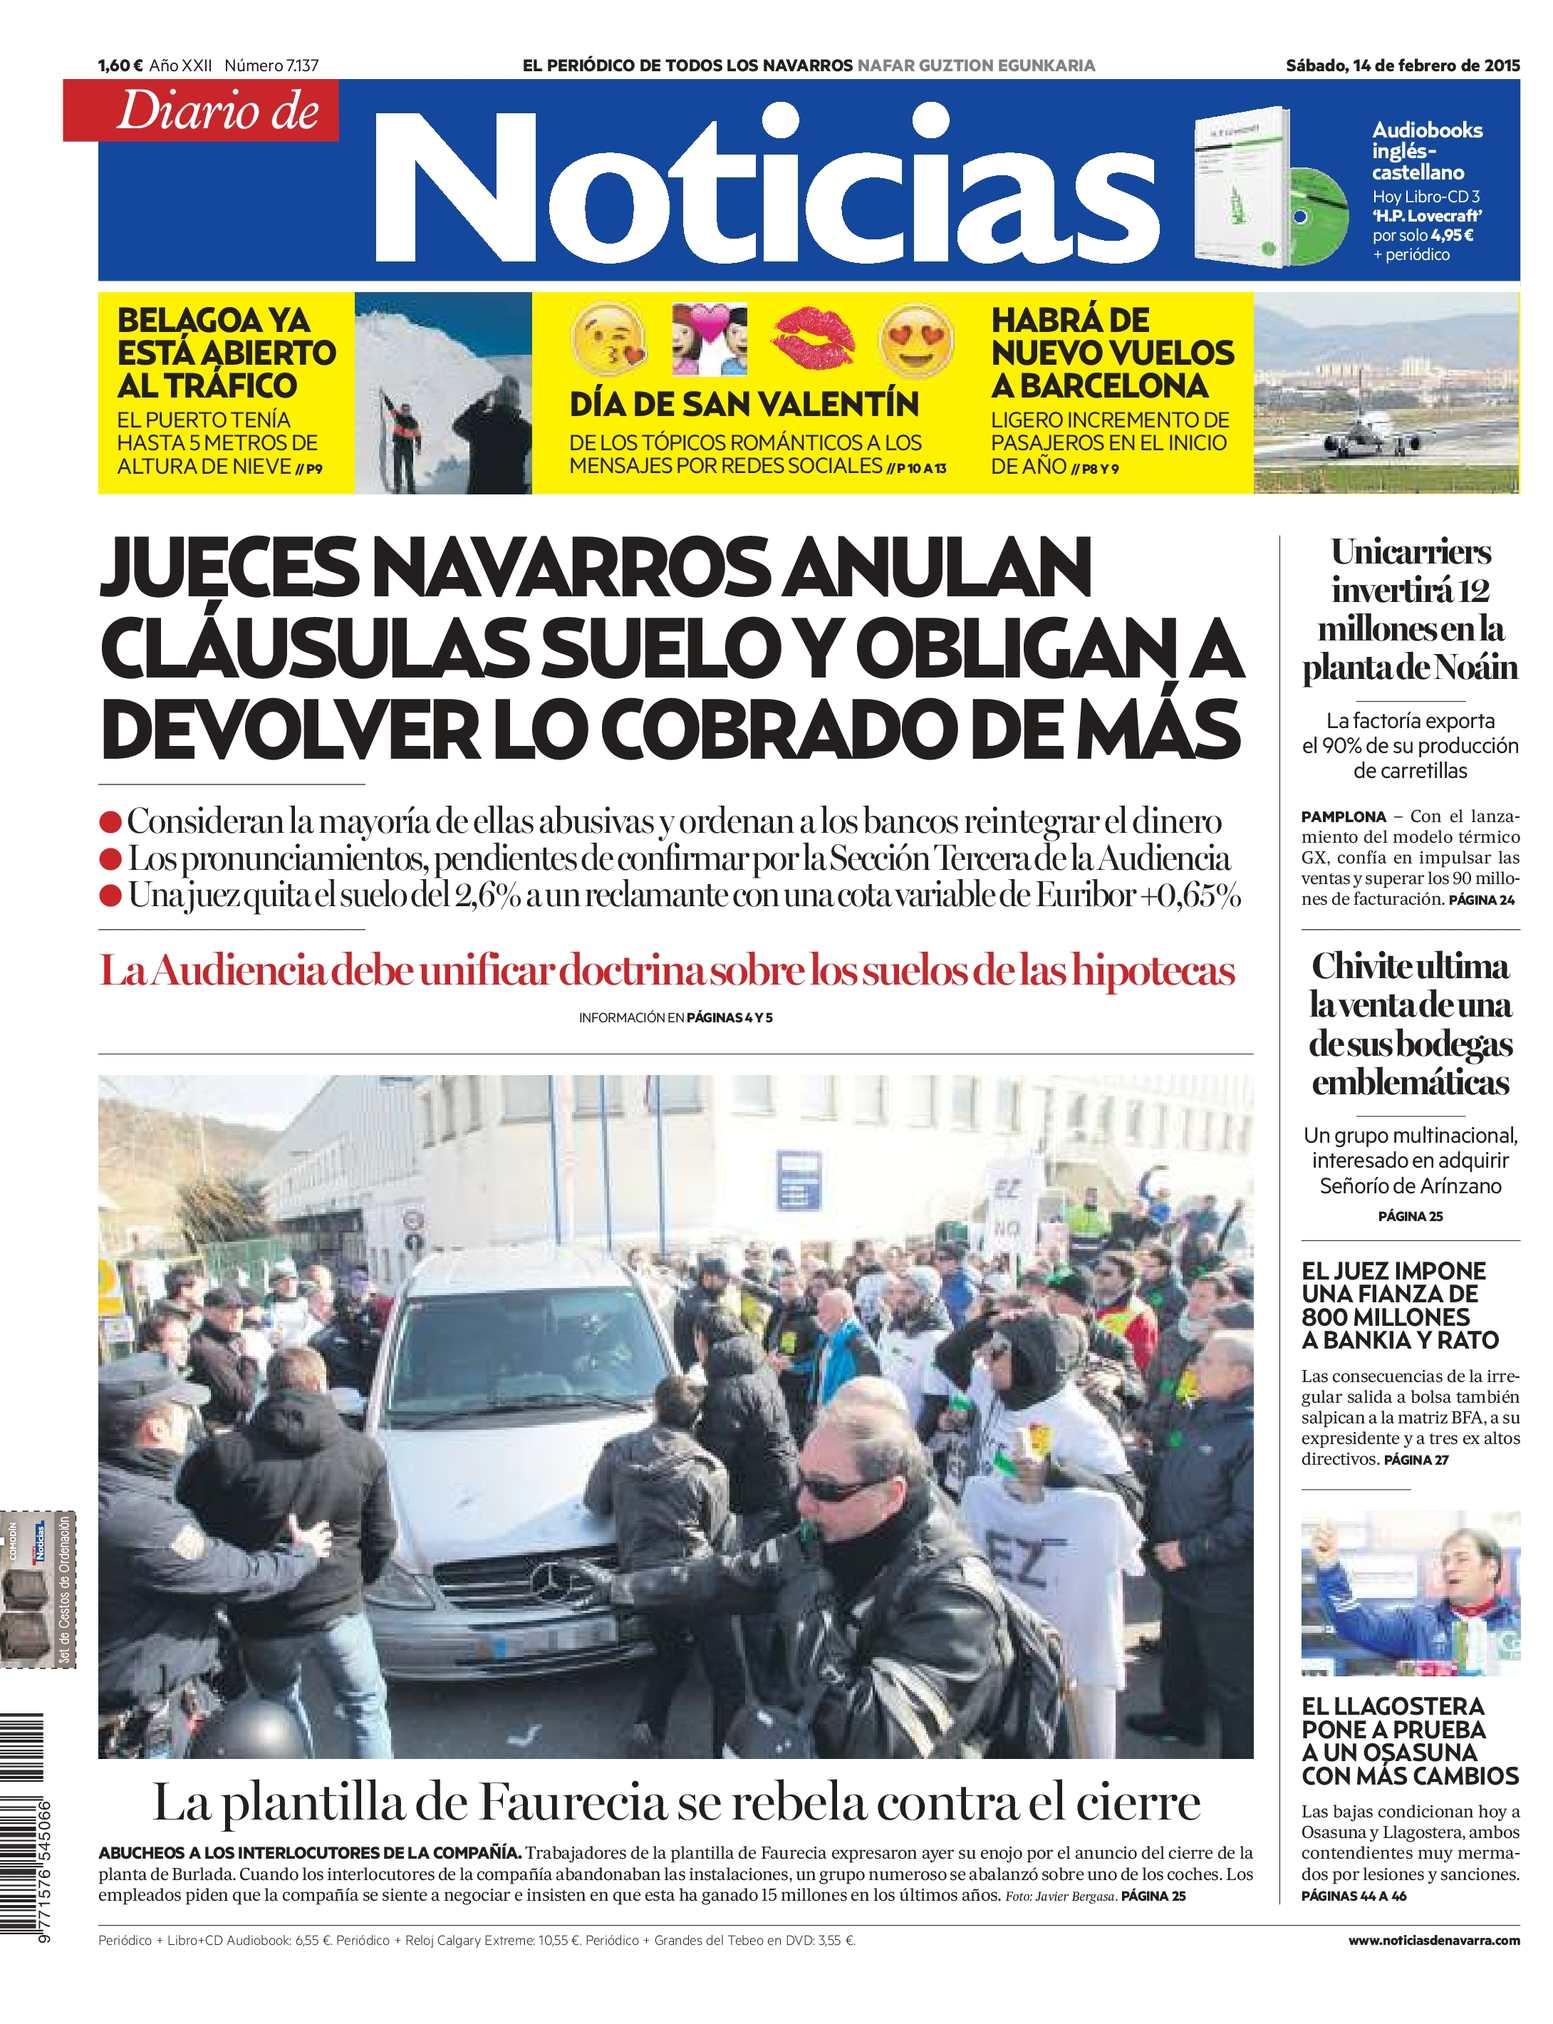 Calaméo - Diario de Noticias 20150214 914db3935c5ea